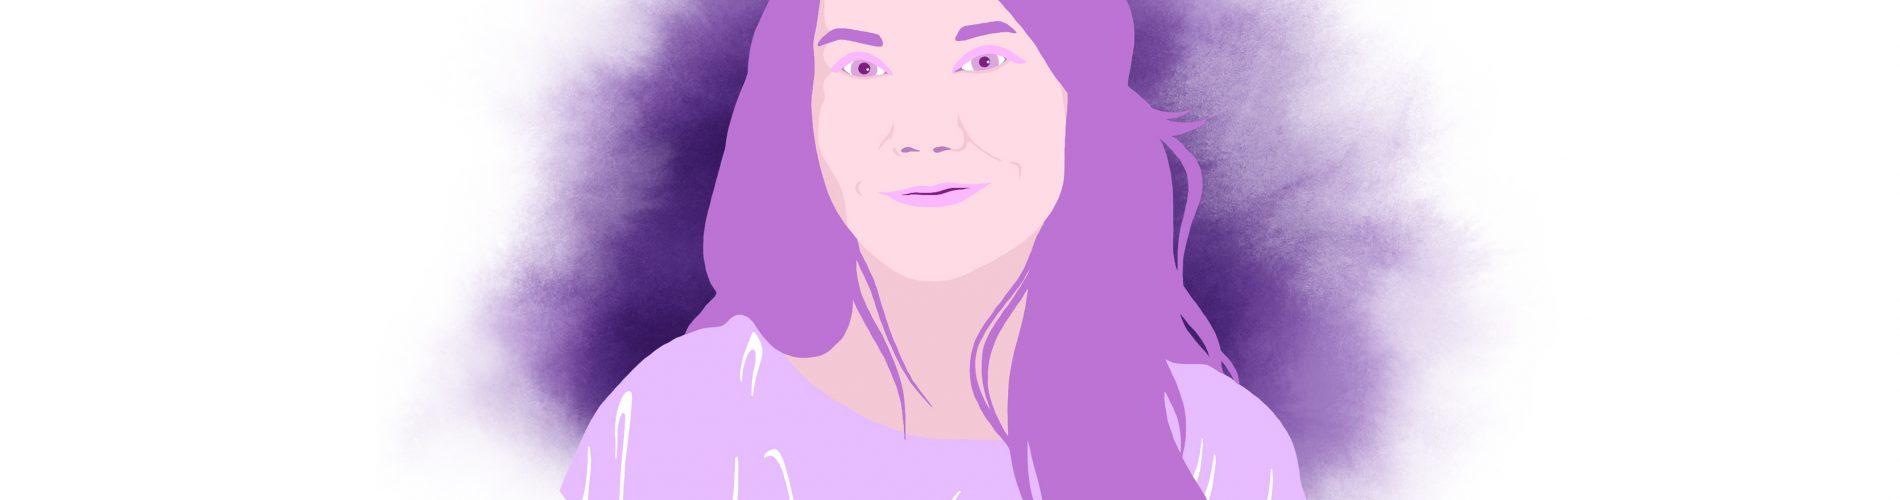 Lea Susemichel an.schläge Magazin purpurr Illustration